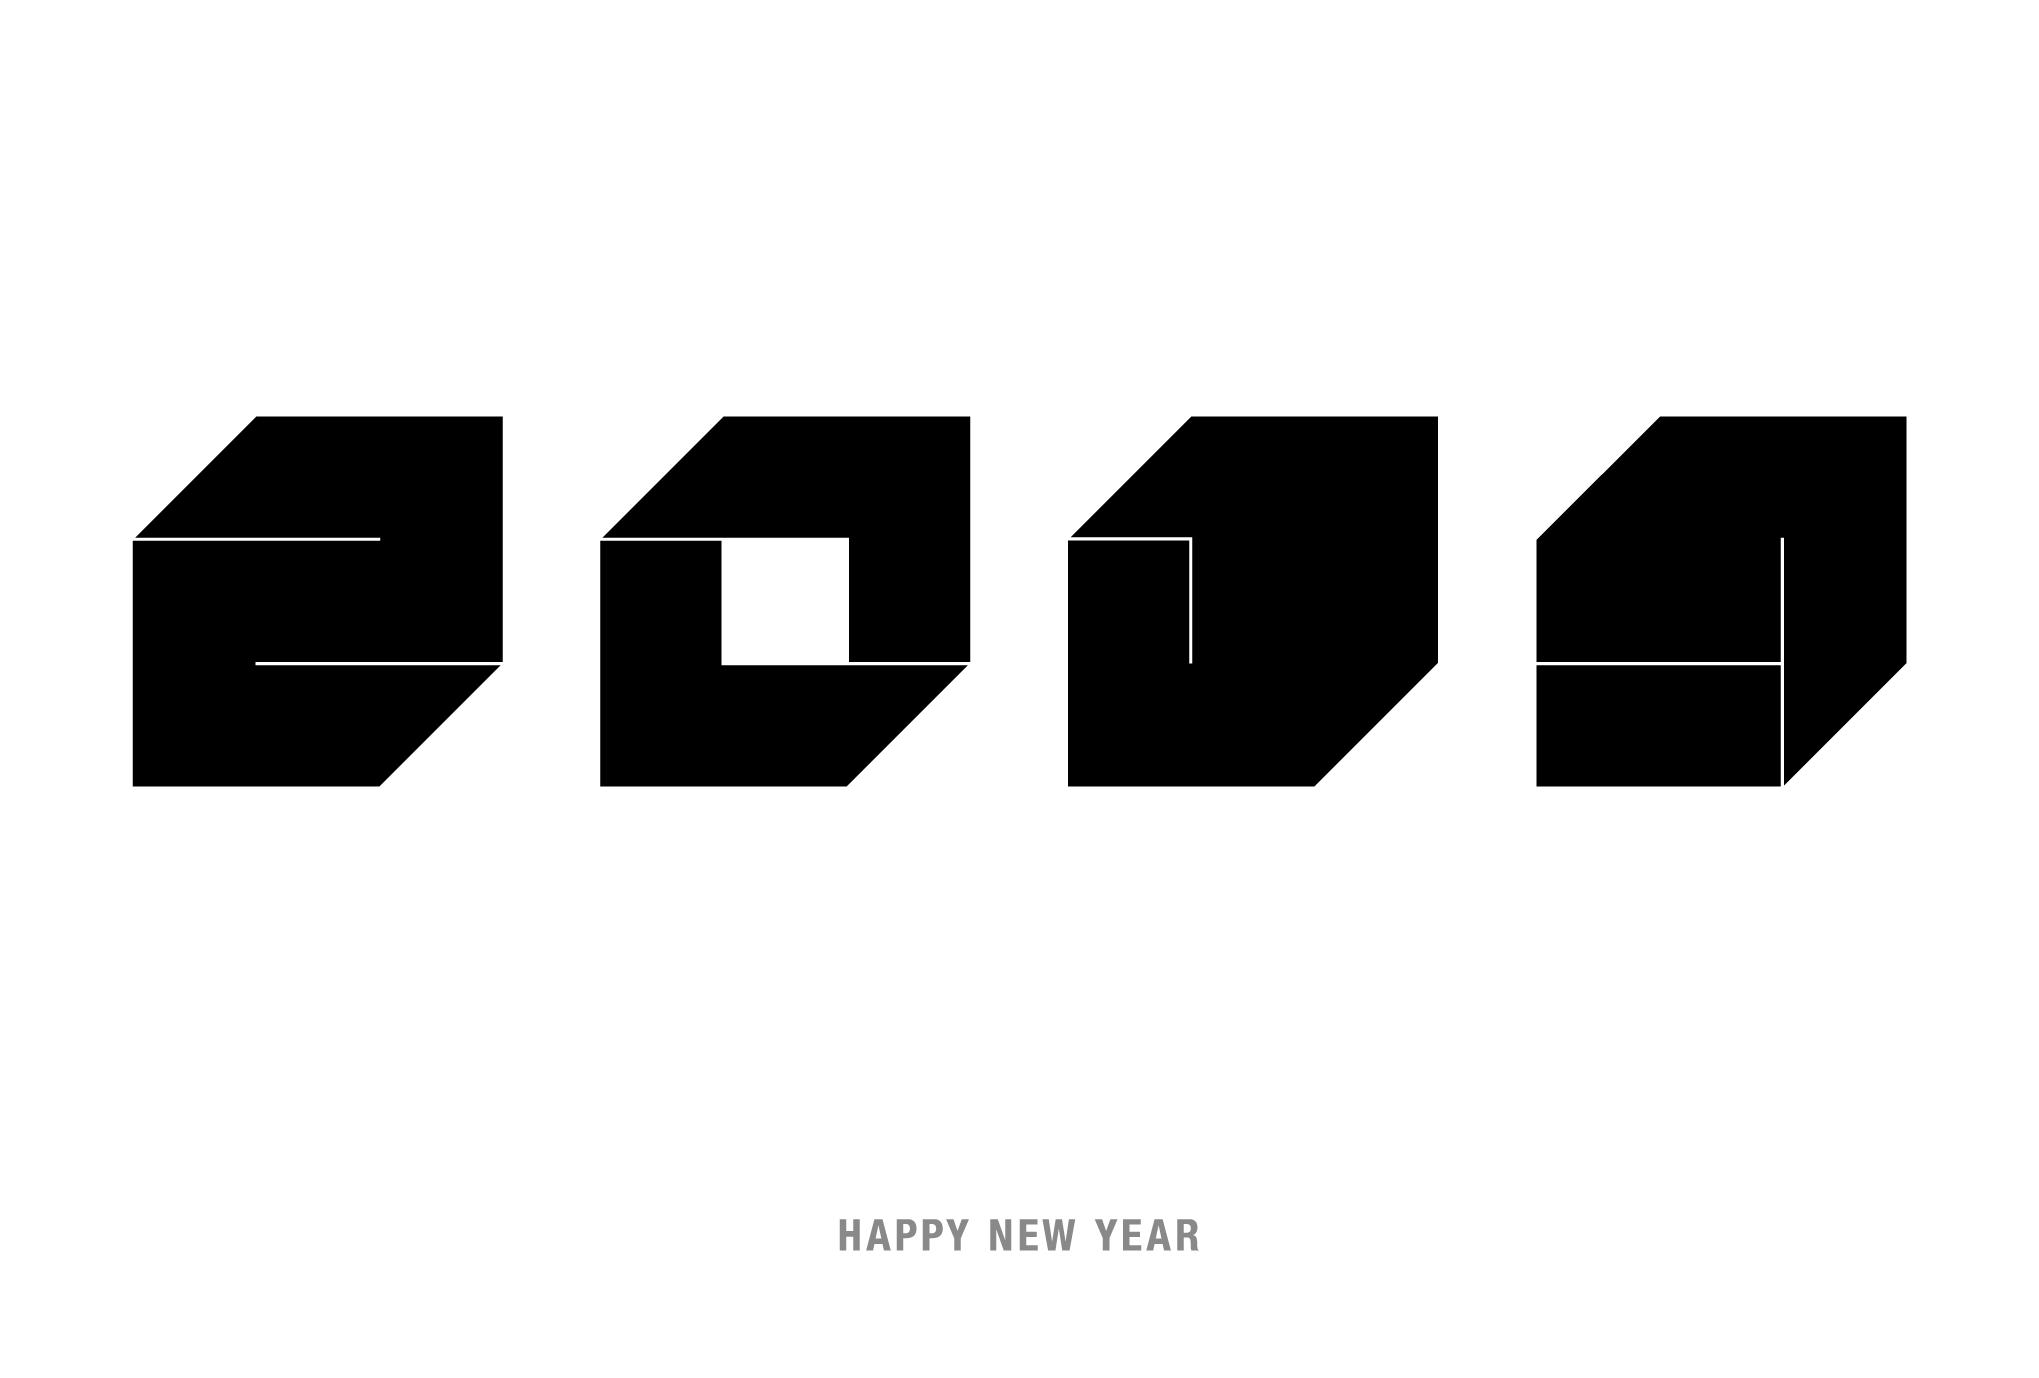 2014年賀状06-2:Square 2014 / 2のダウンロード画像